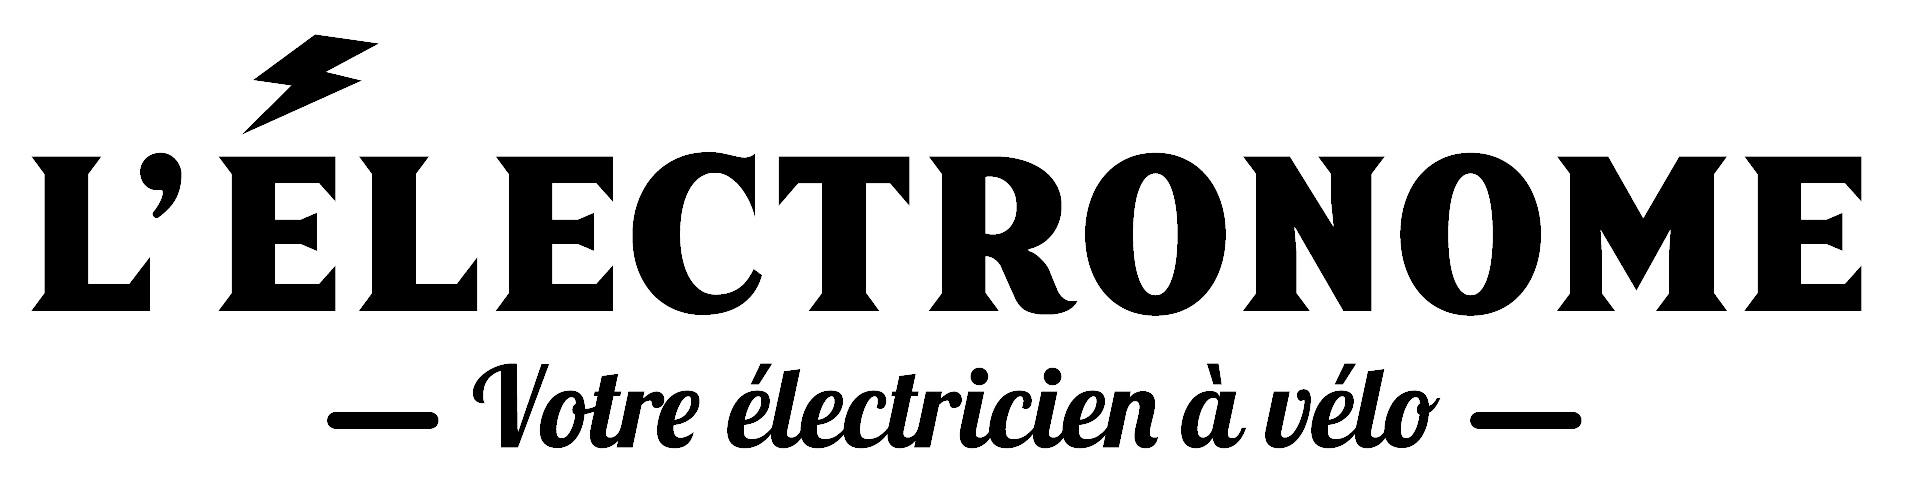 L'électronome, votre électricien à vélo